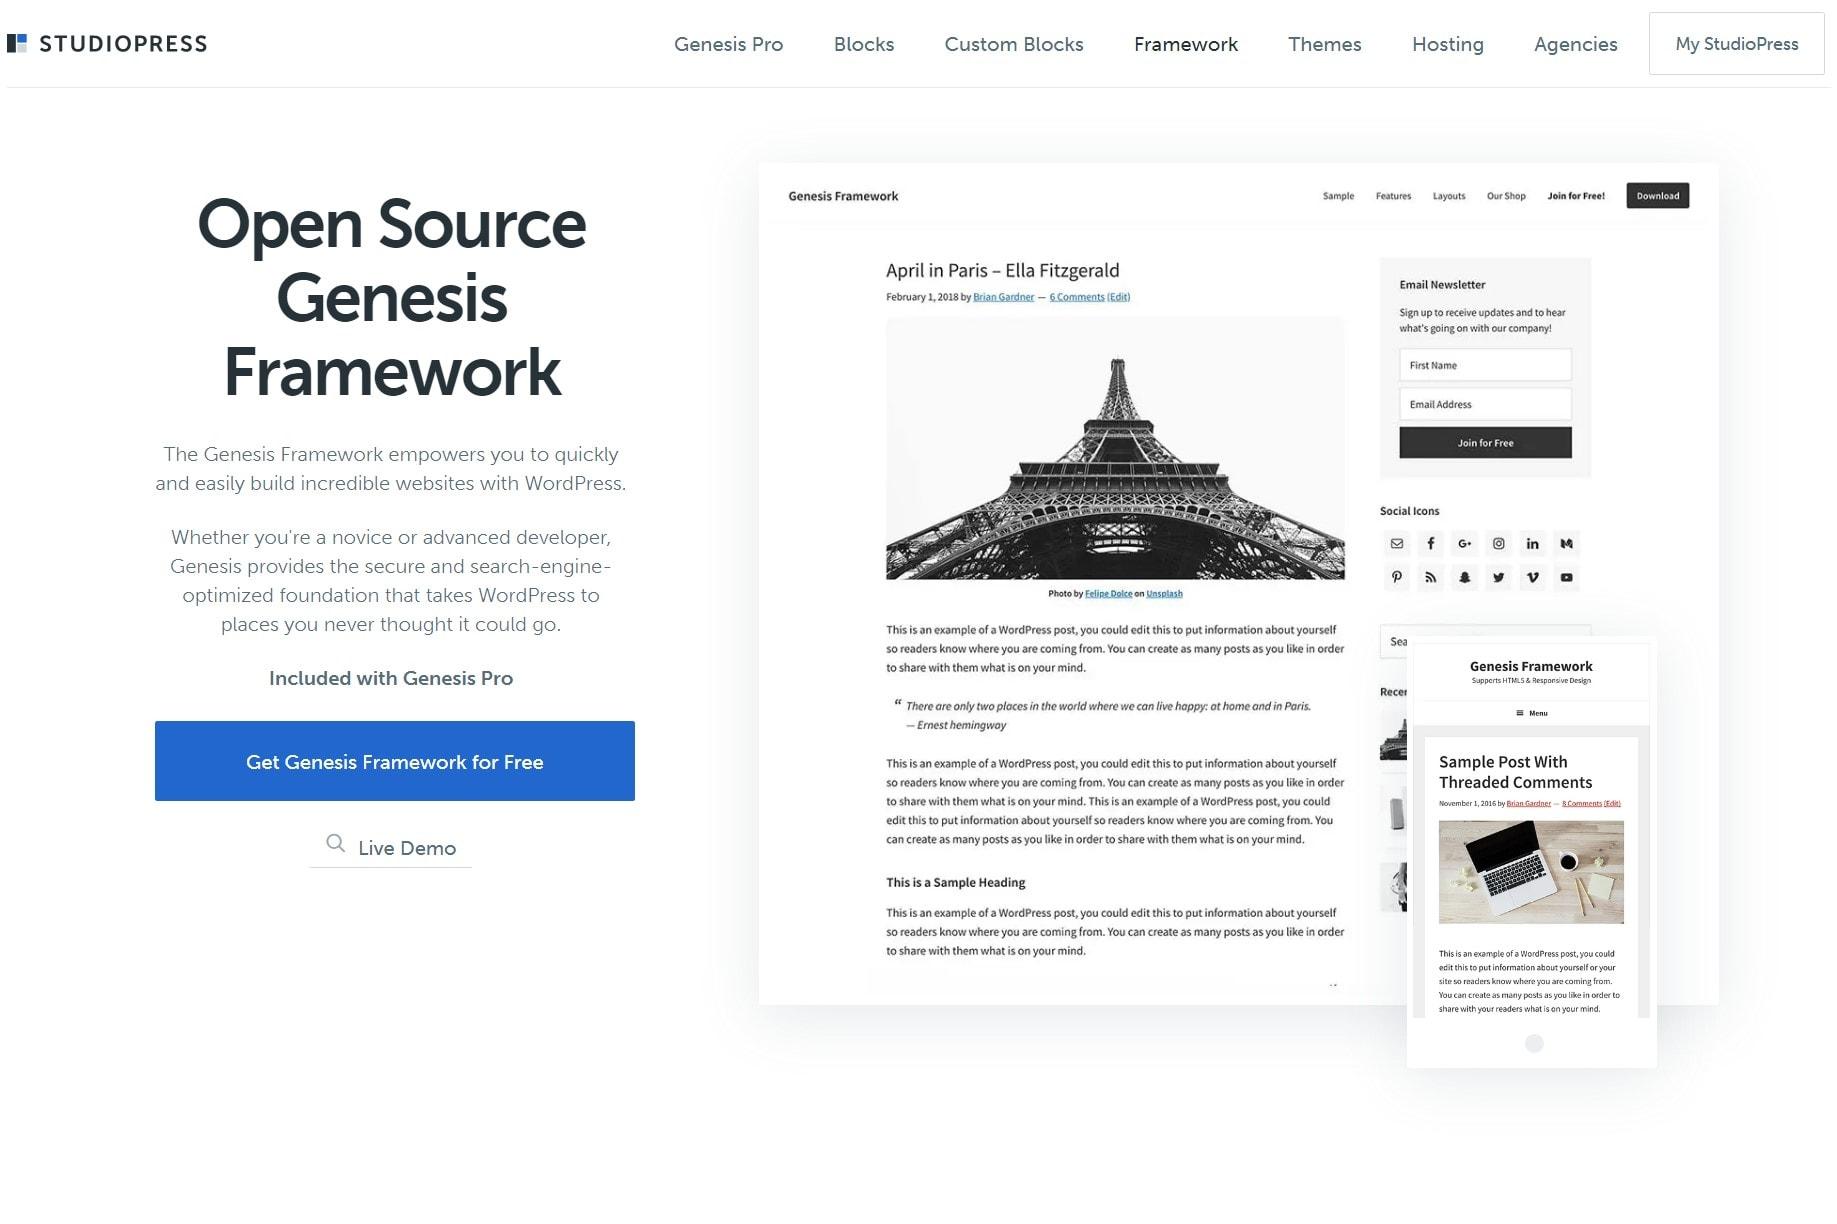 Screengrab of the Genesis Framework